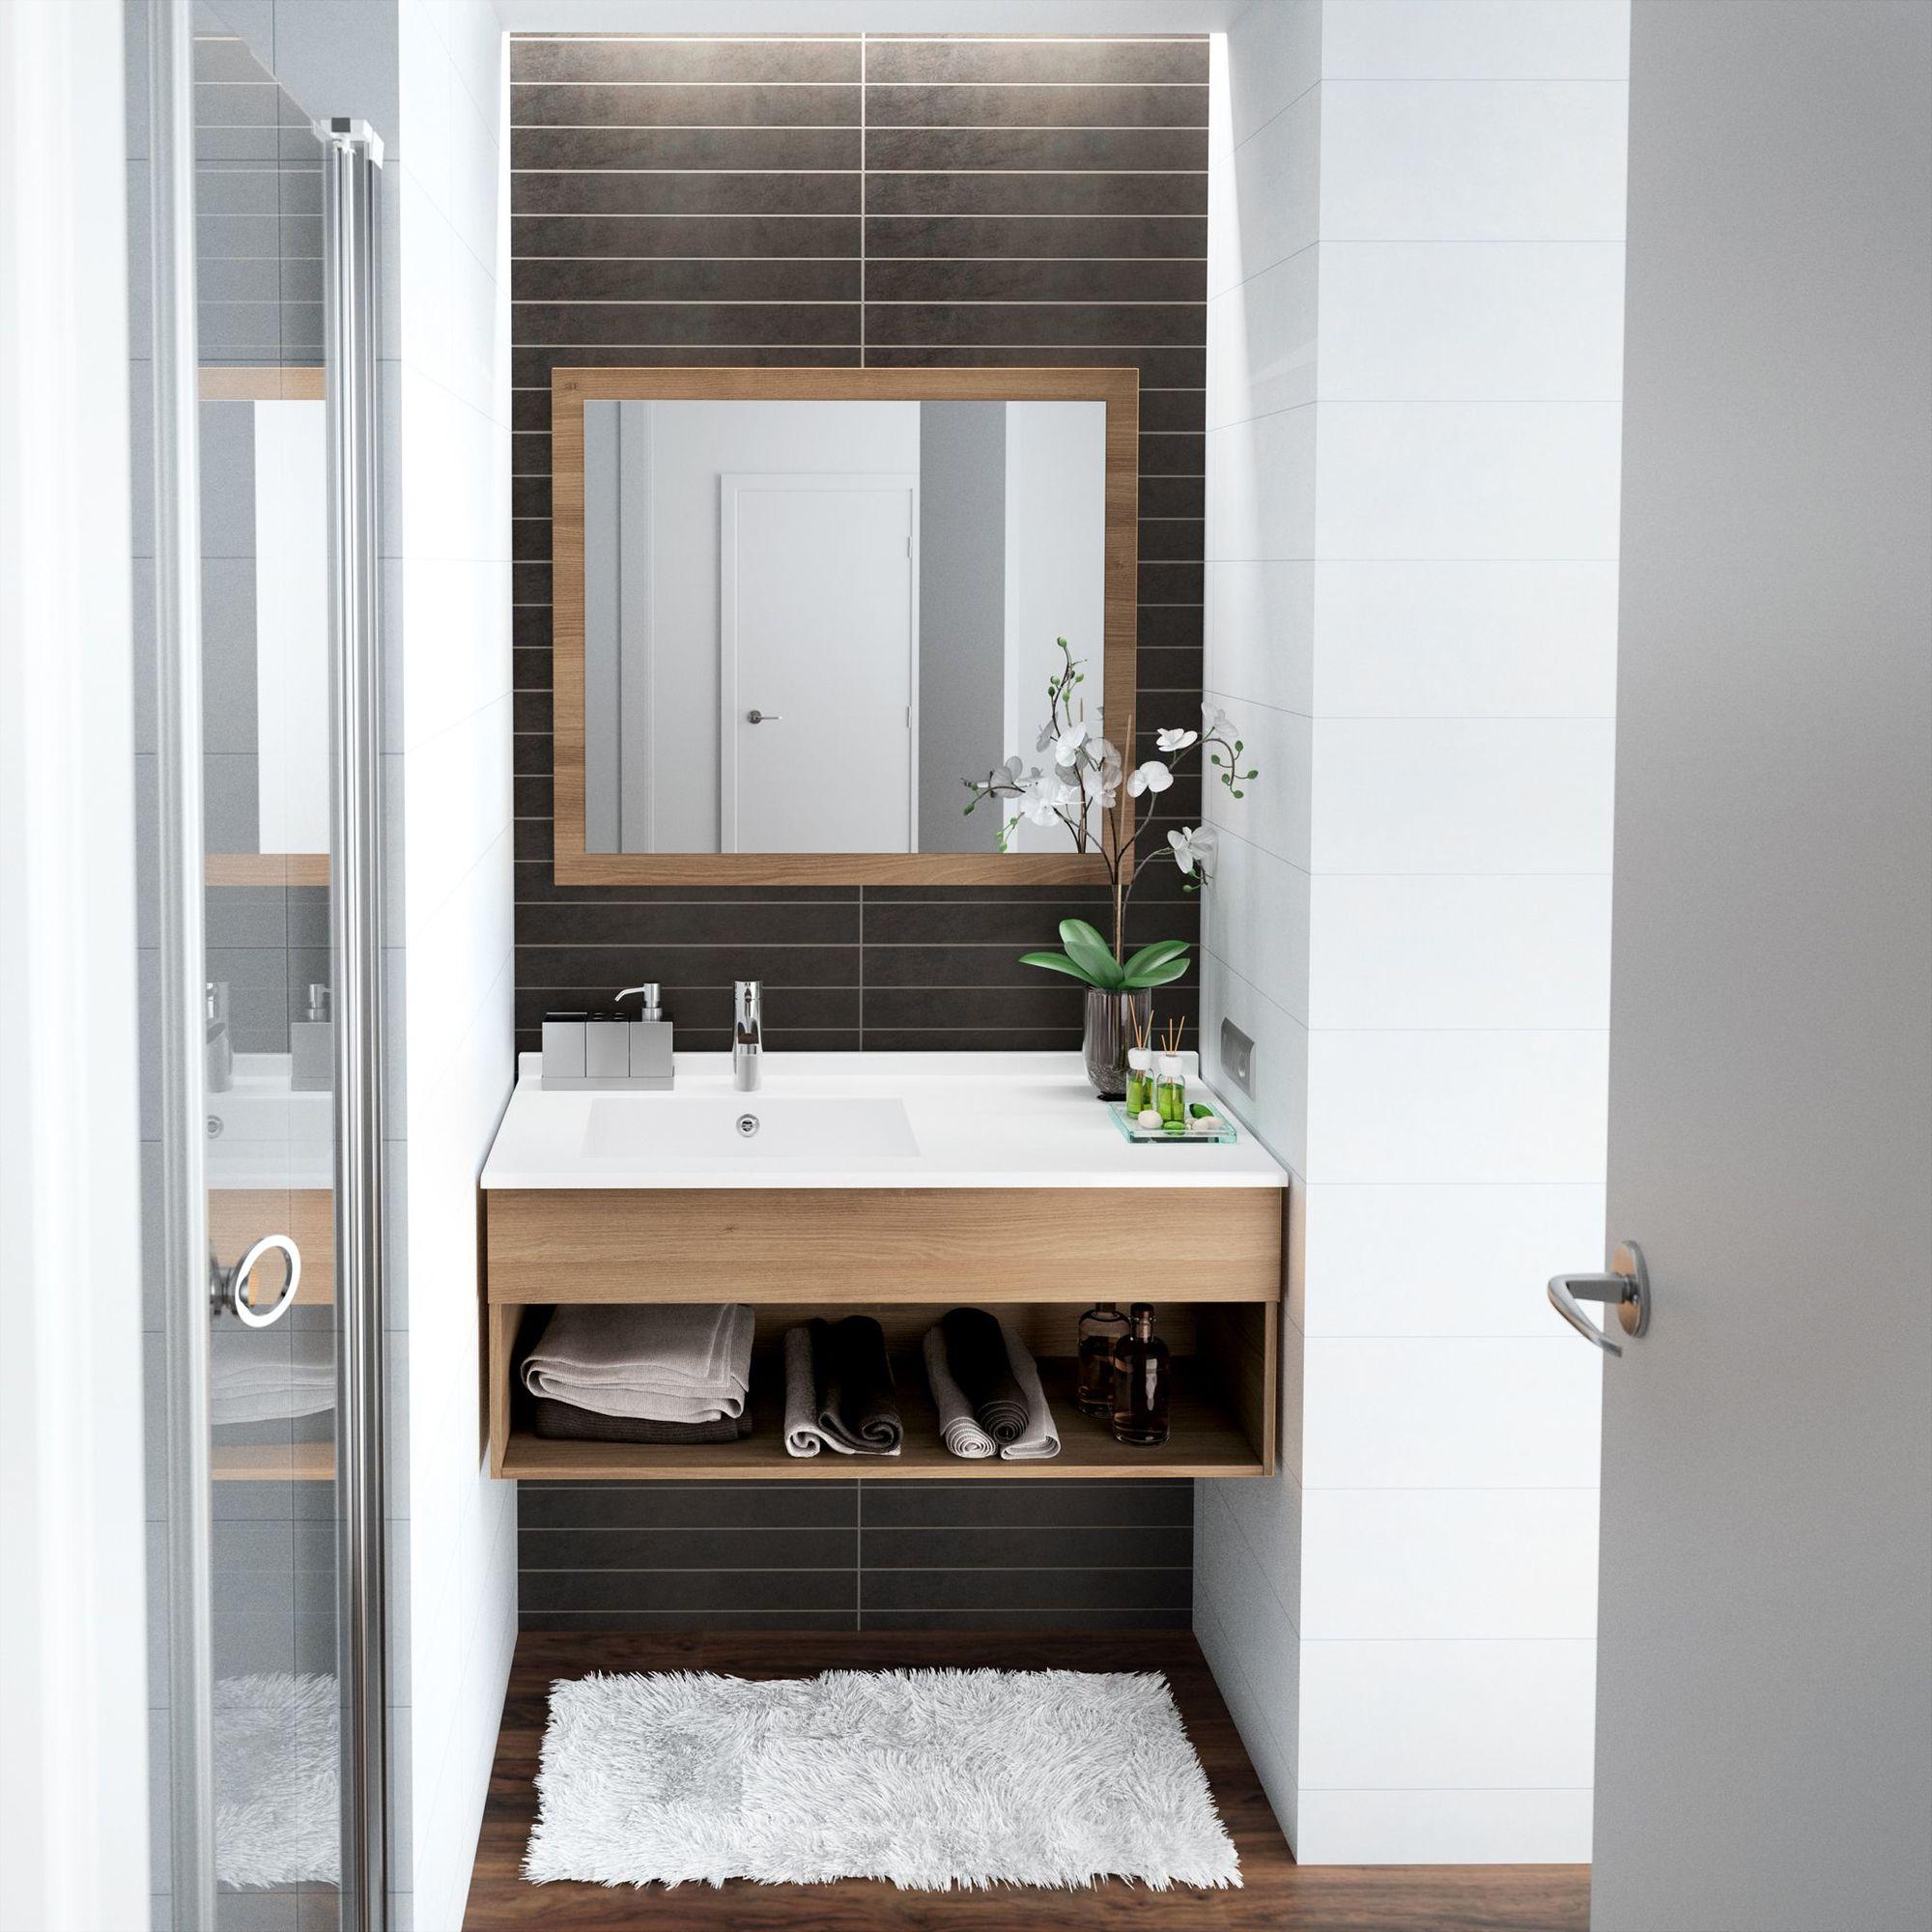 Petite salle de bains ©Ambiance bains - Travaux.com